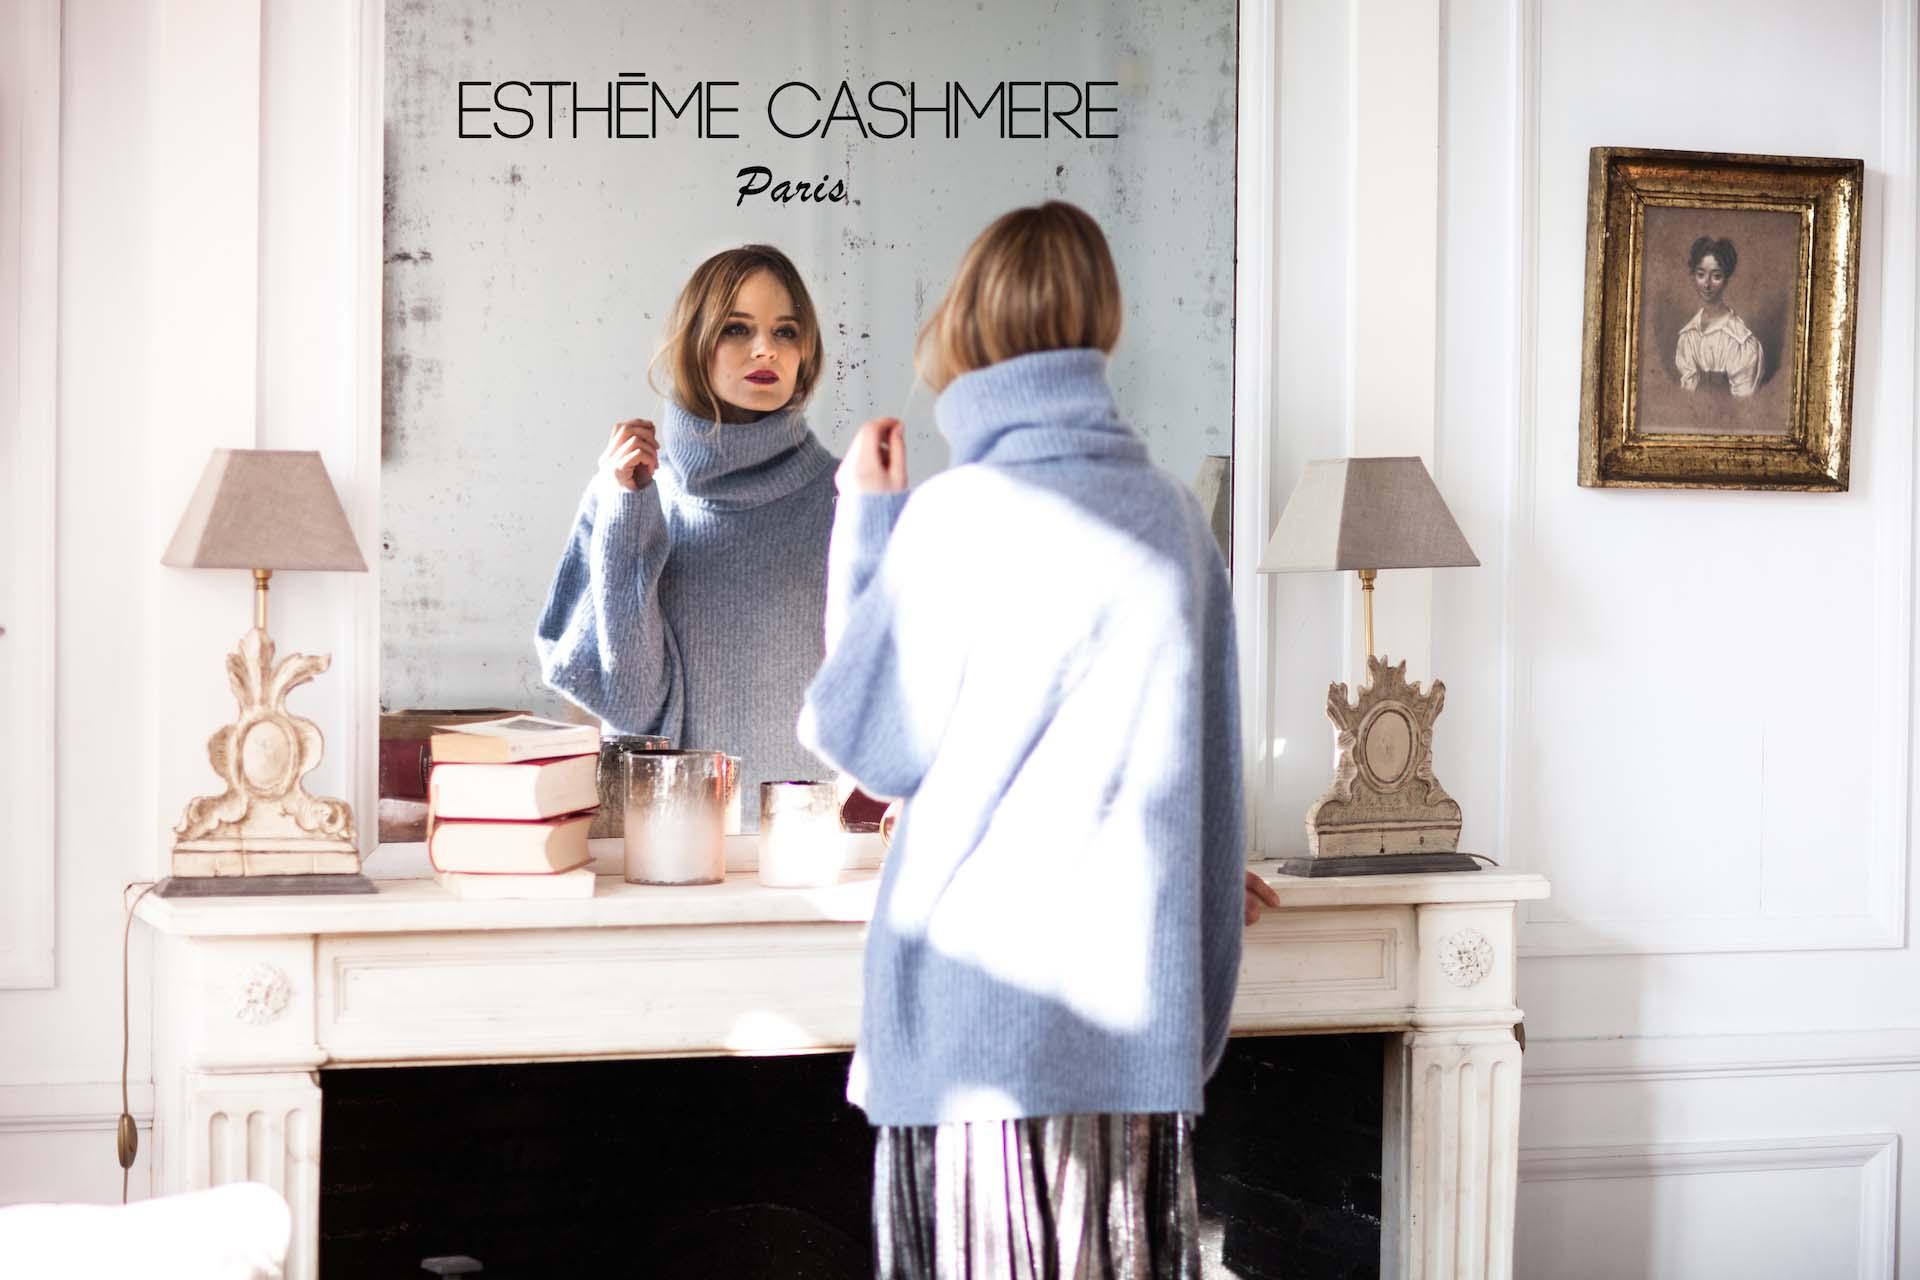 estheme cashmere